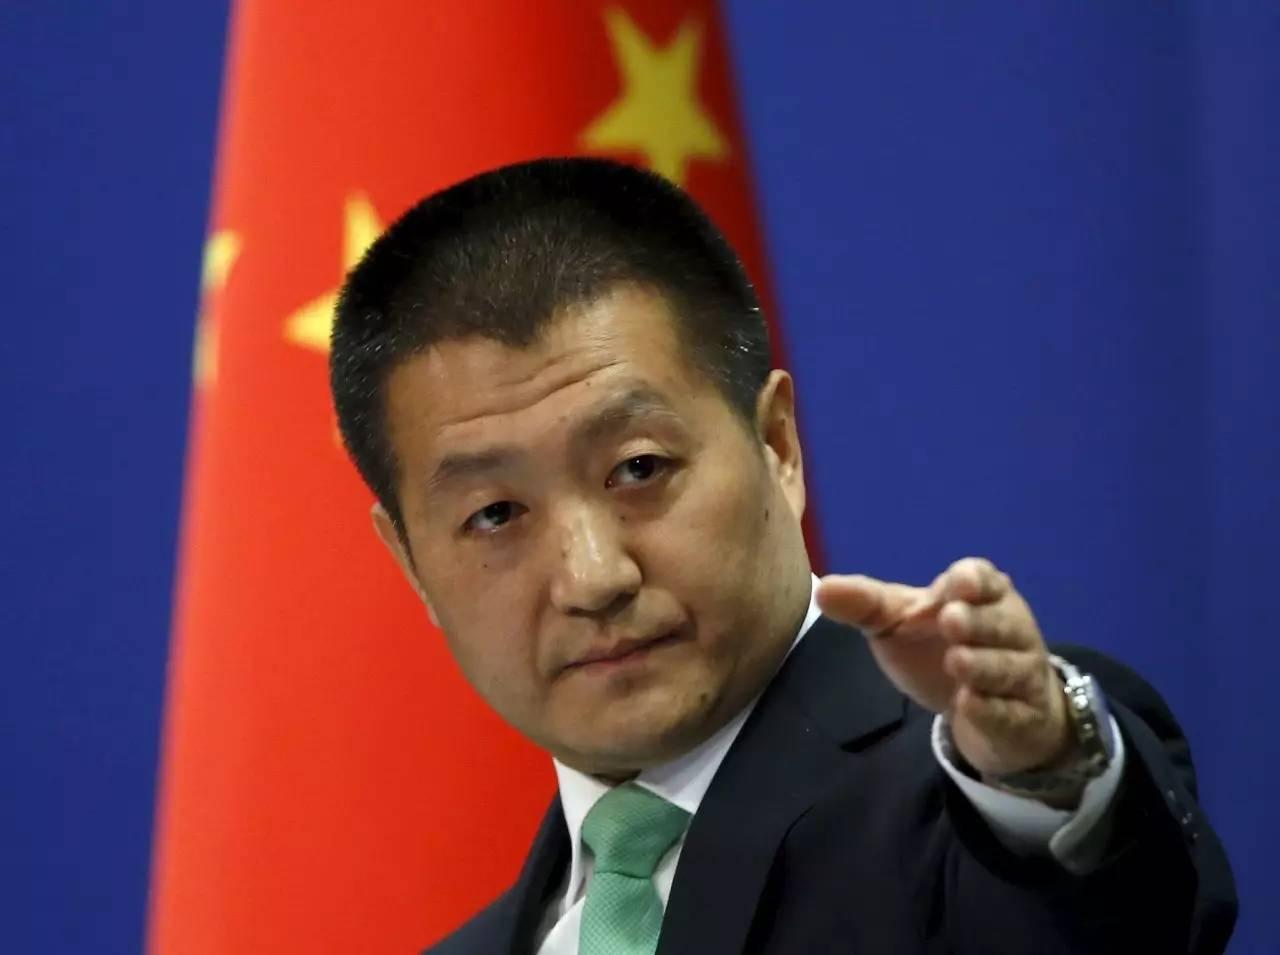 七国集团峰会对东海和南海问题指手划脚 中方